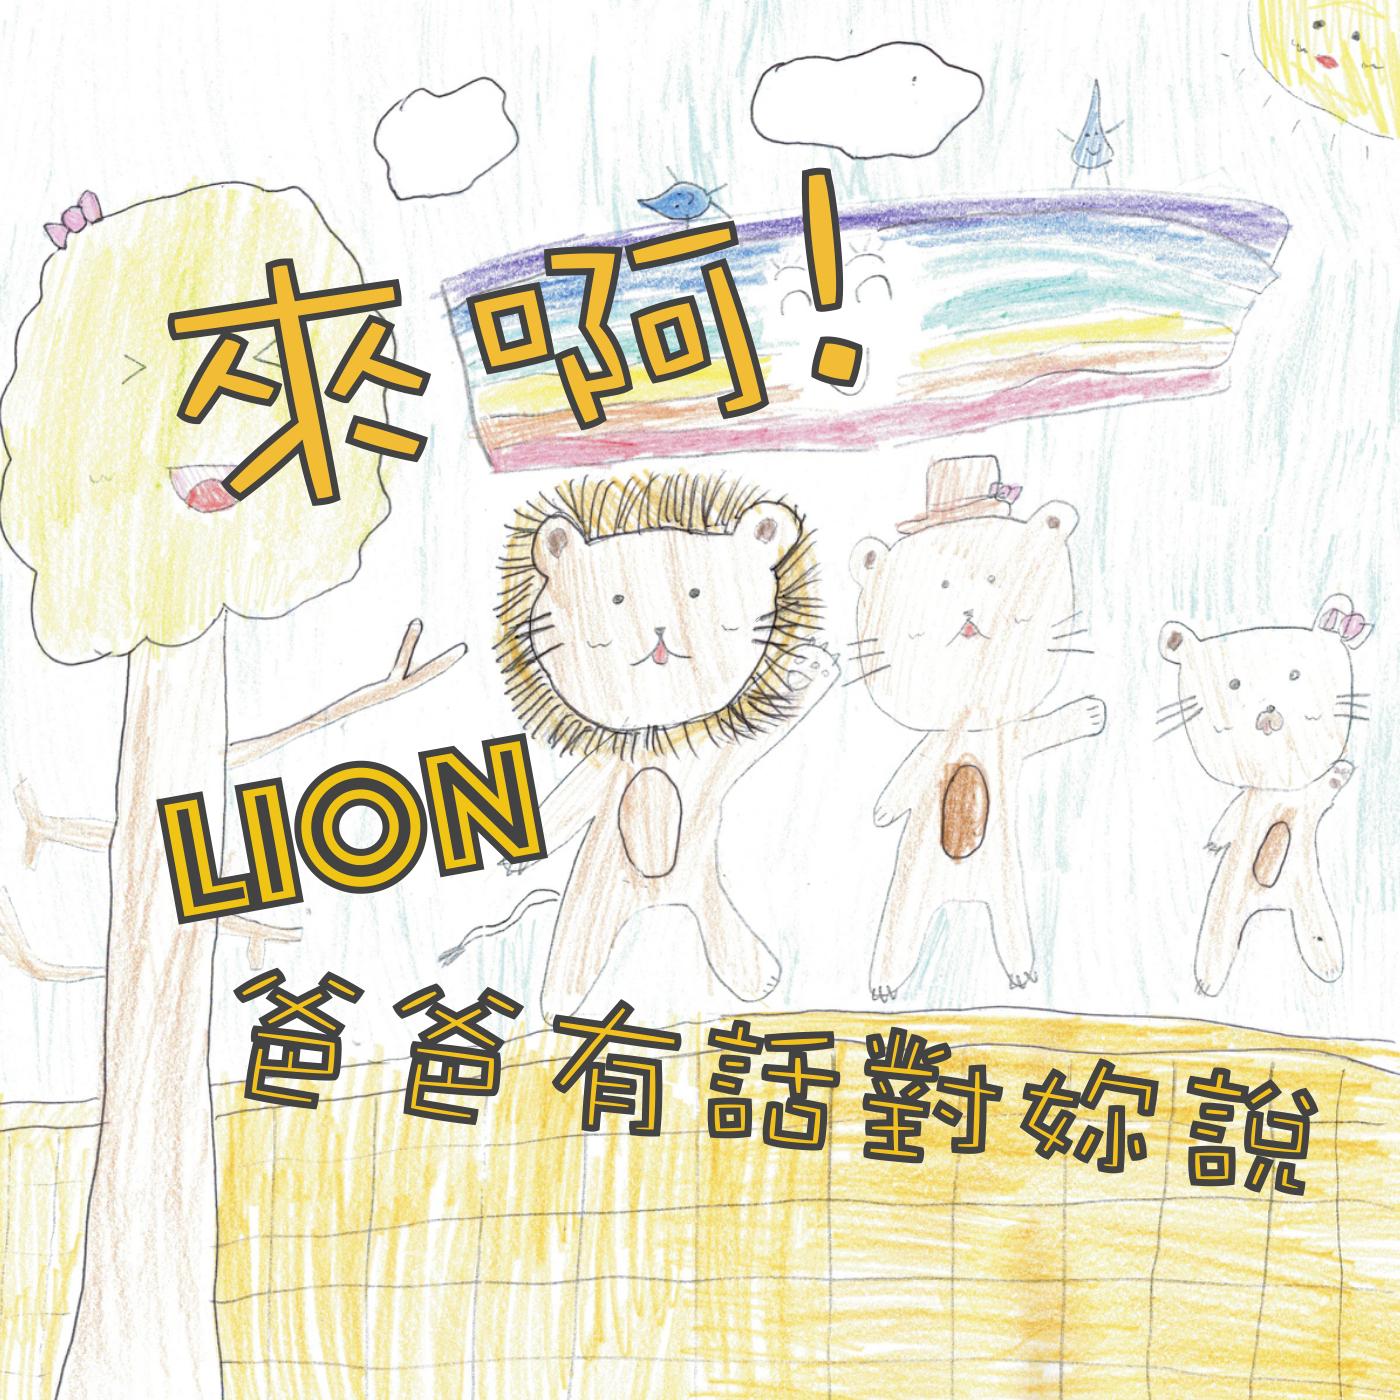 來啊! LION爸爸有話對妳說